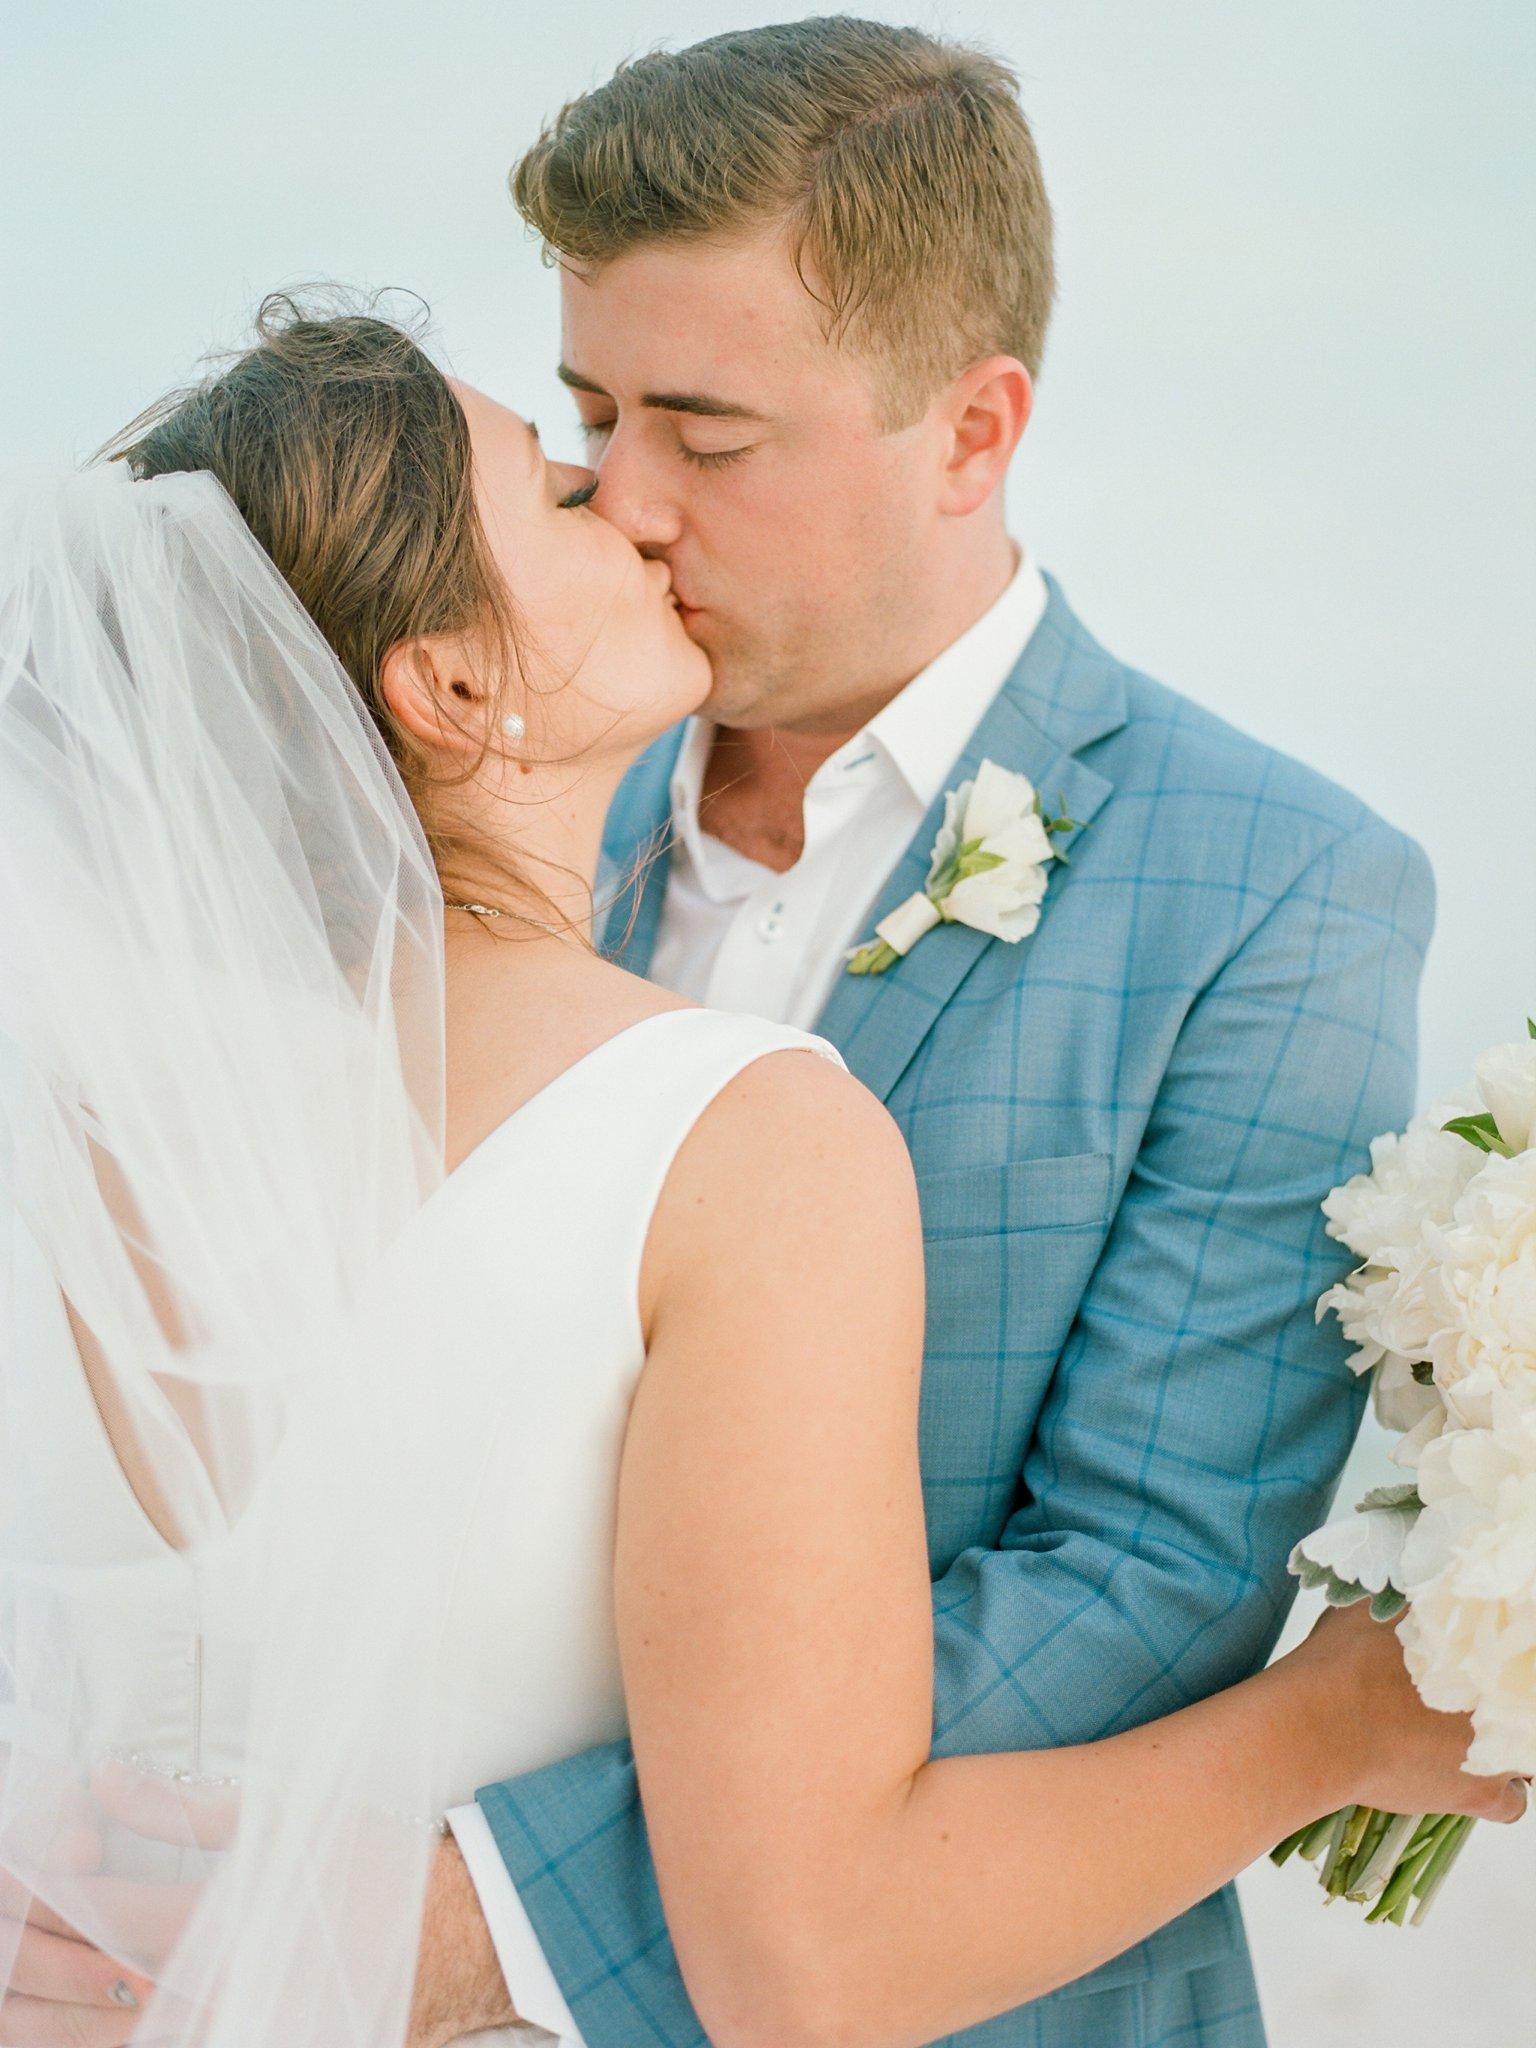 carillon beach wedding photographer shannon griffin photographer_0076.jpg